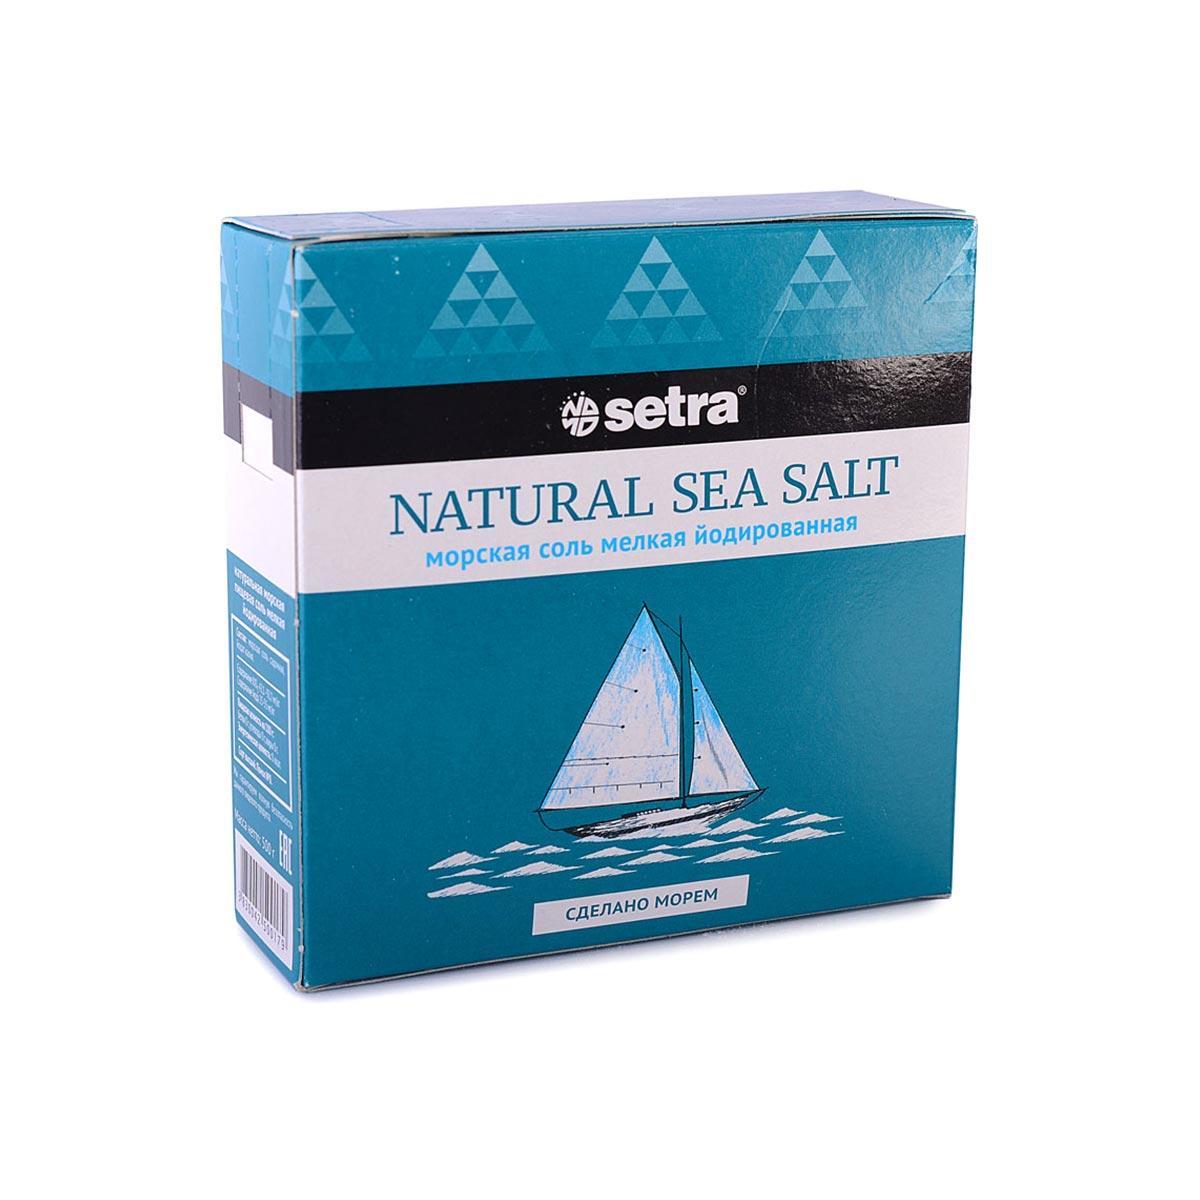 Соль морская йодированная мелкая Setra 500 г